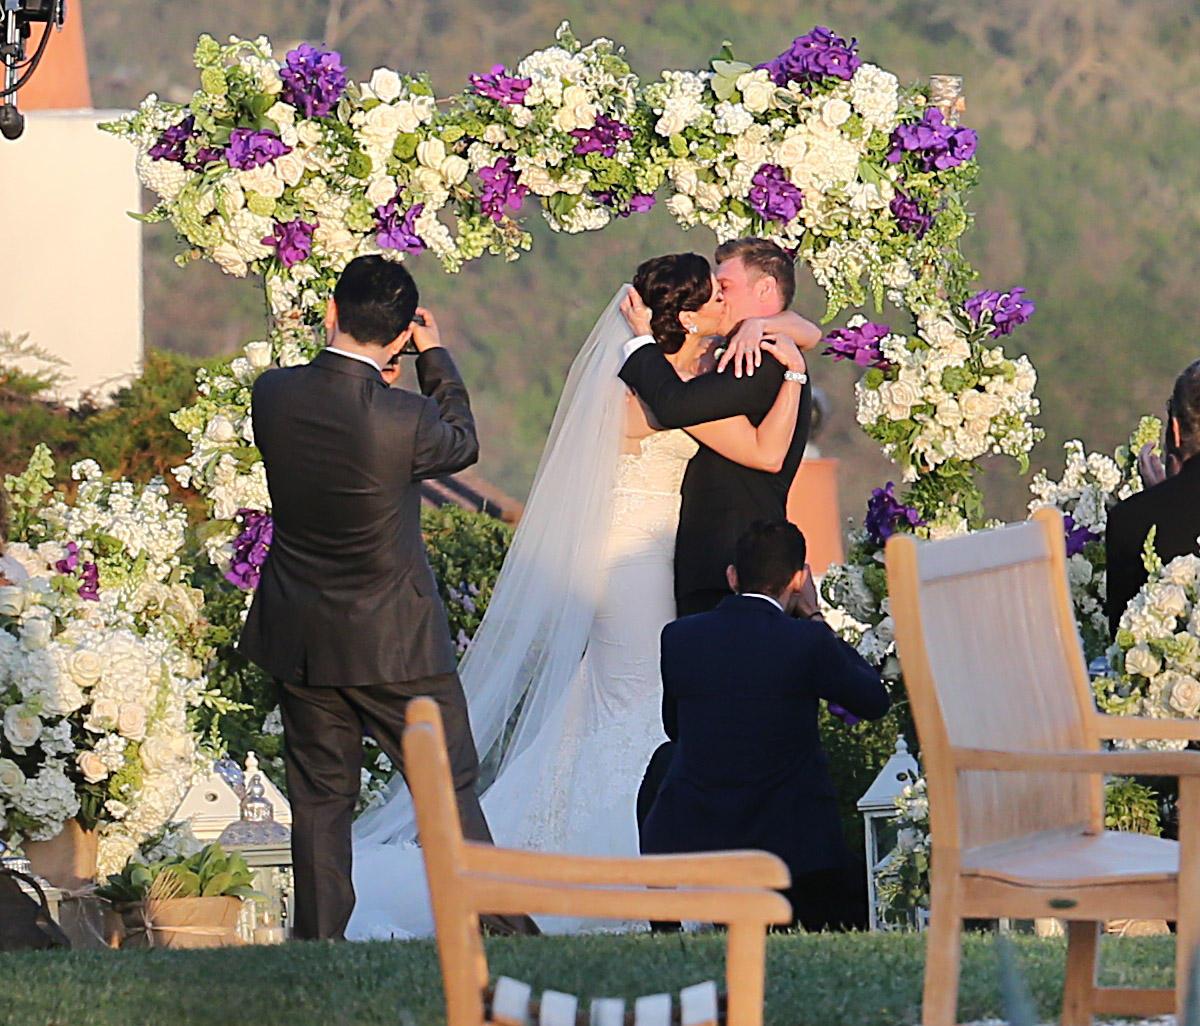 Nick Carter küsst seine Braut.